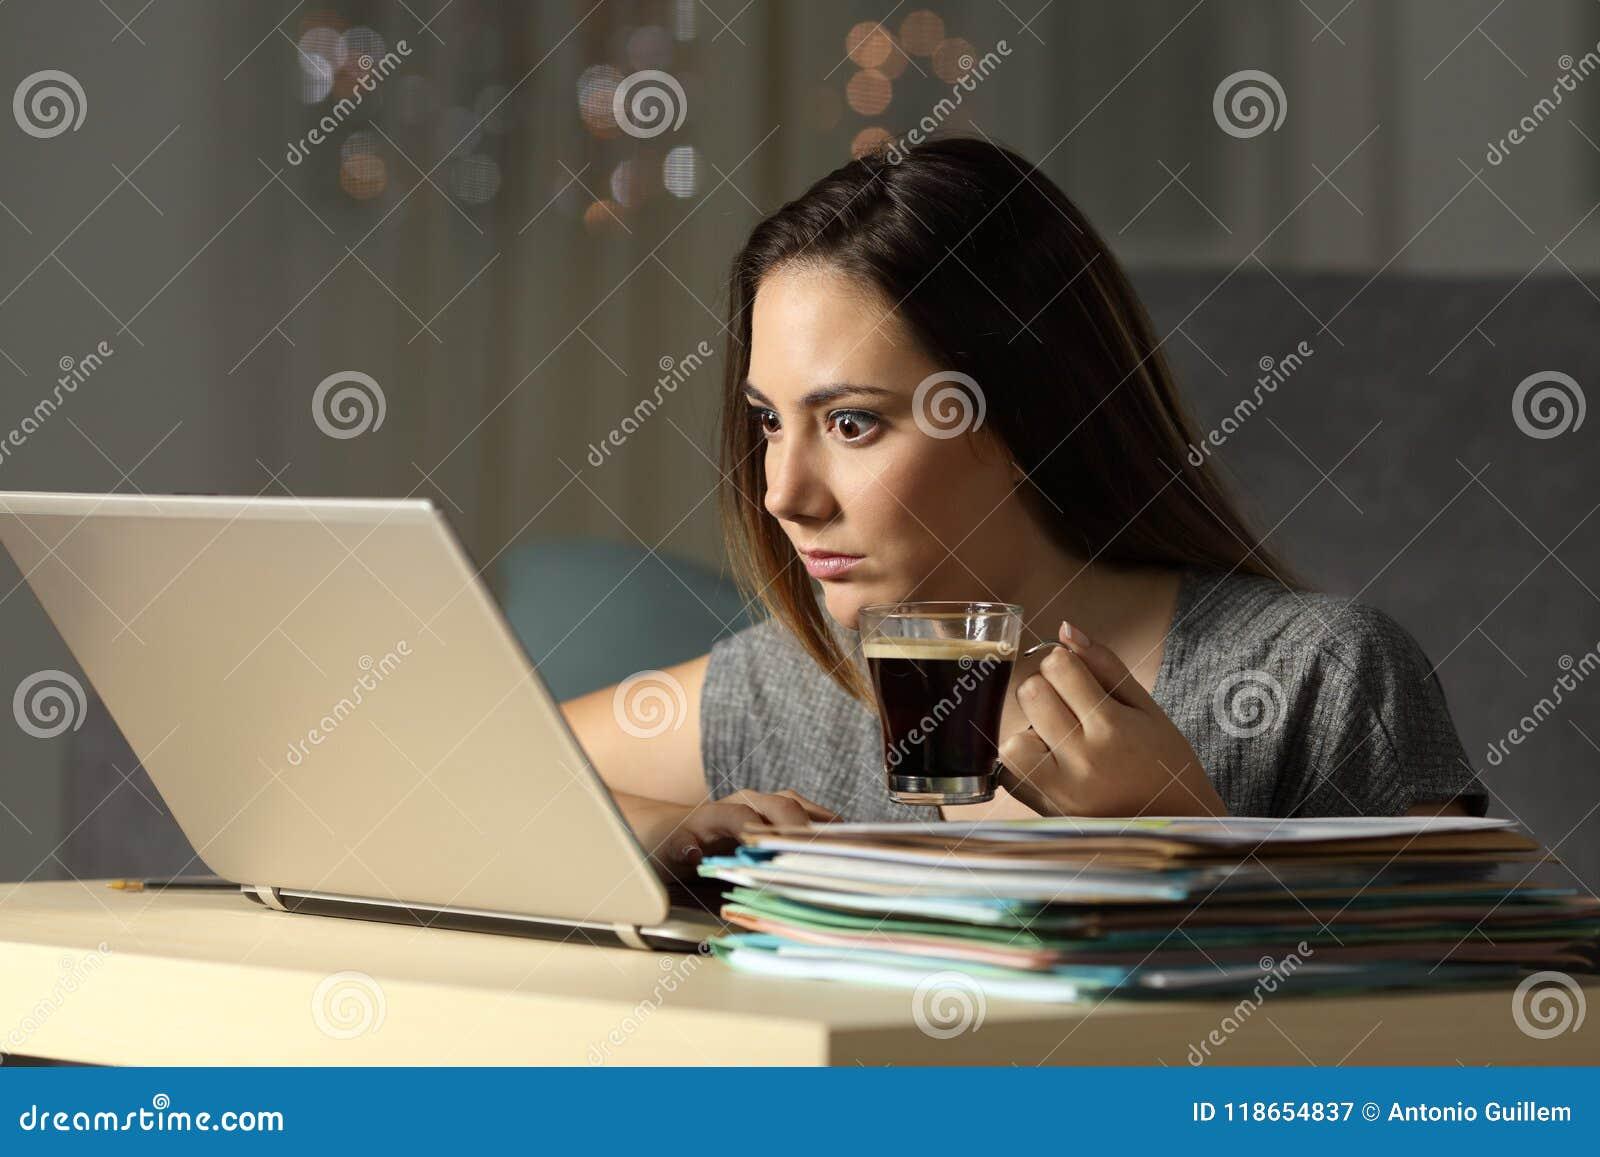 Entrepreneur enthousiaste travaillant dur des heures en retard